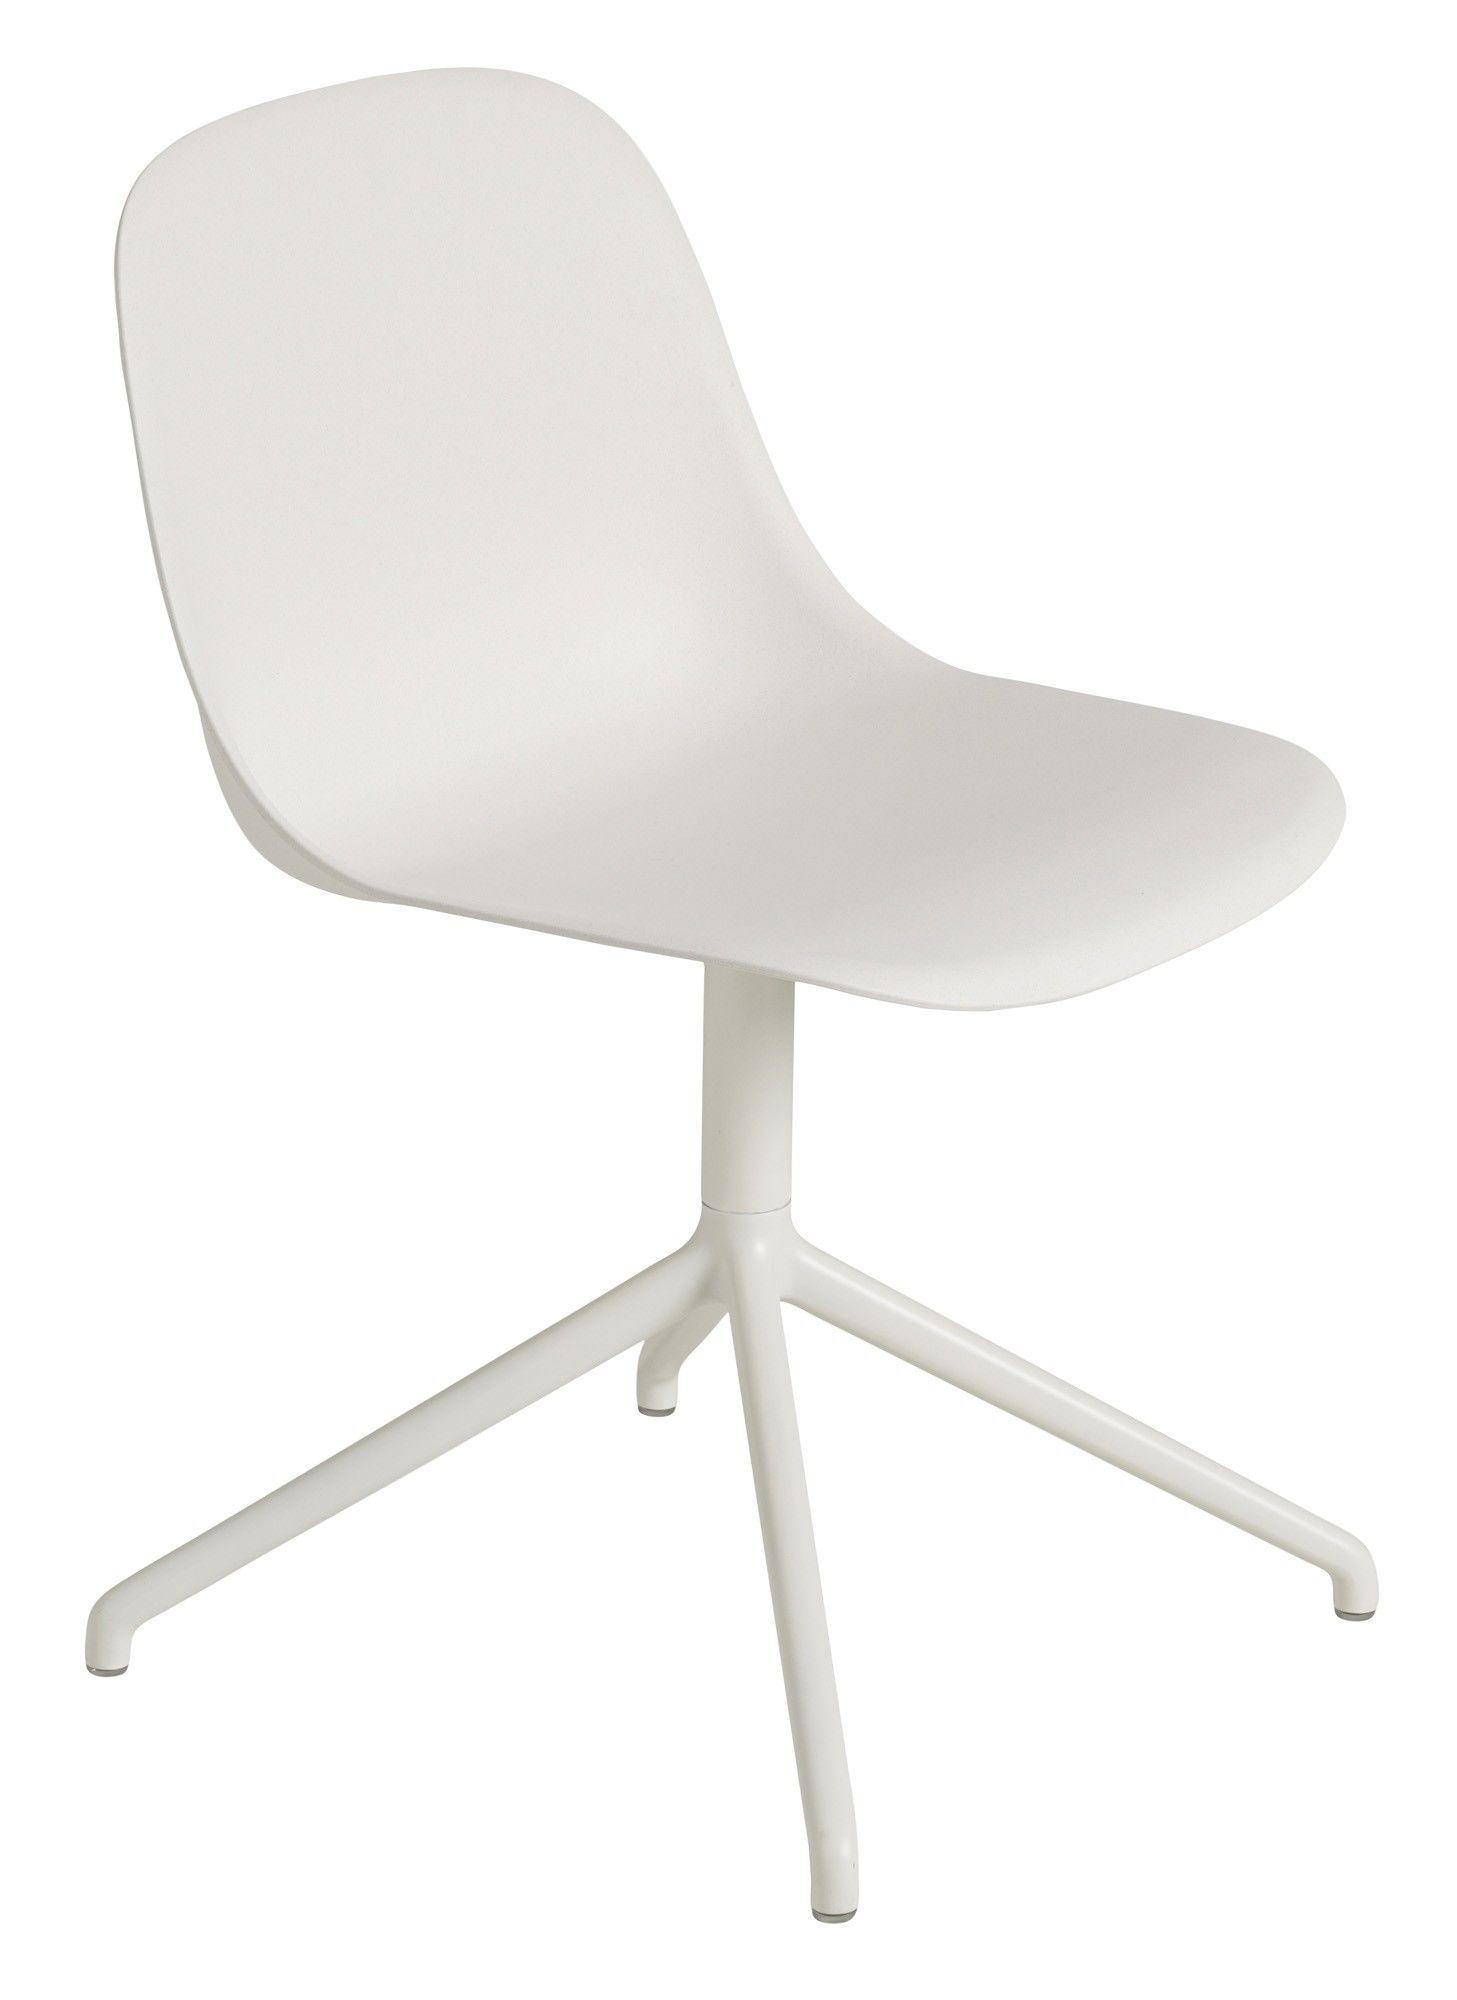 Chair Hochlehner Tufted Dining Weiße Alle Esszimmerstühle 1FuclKJ3T